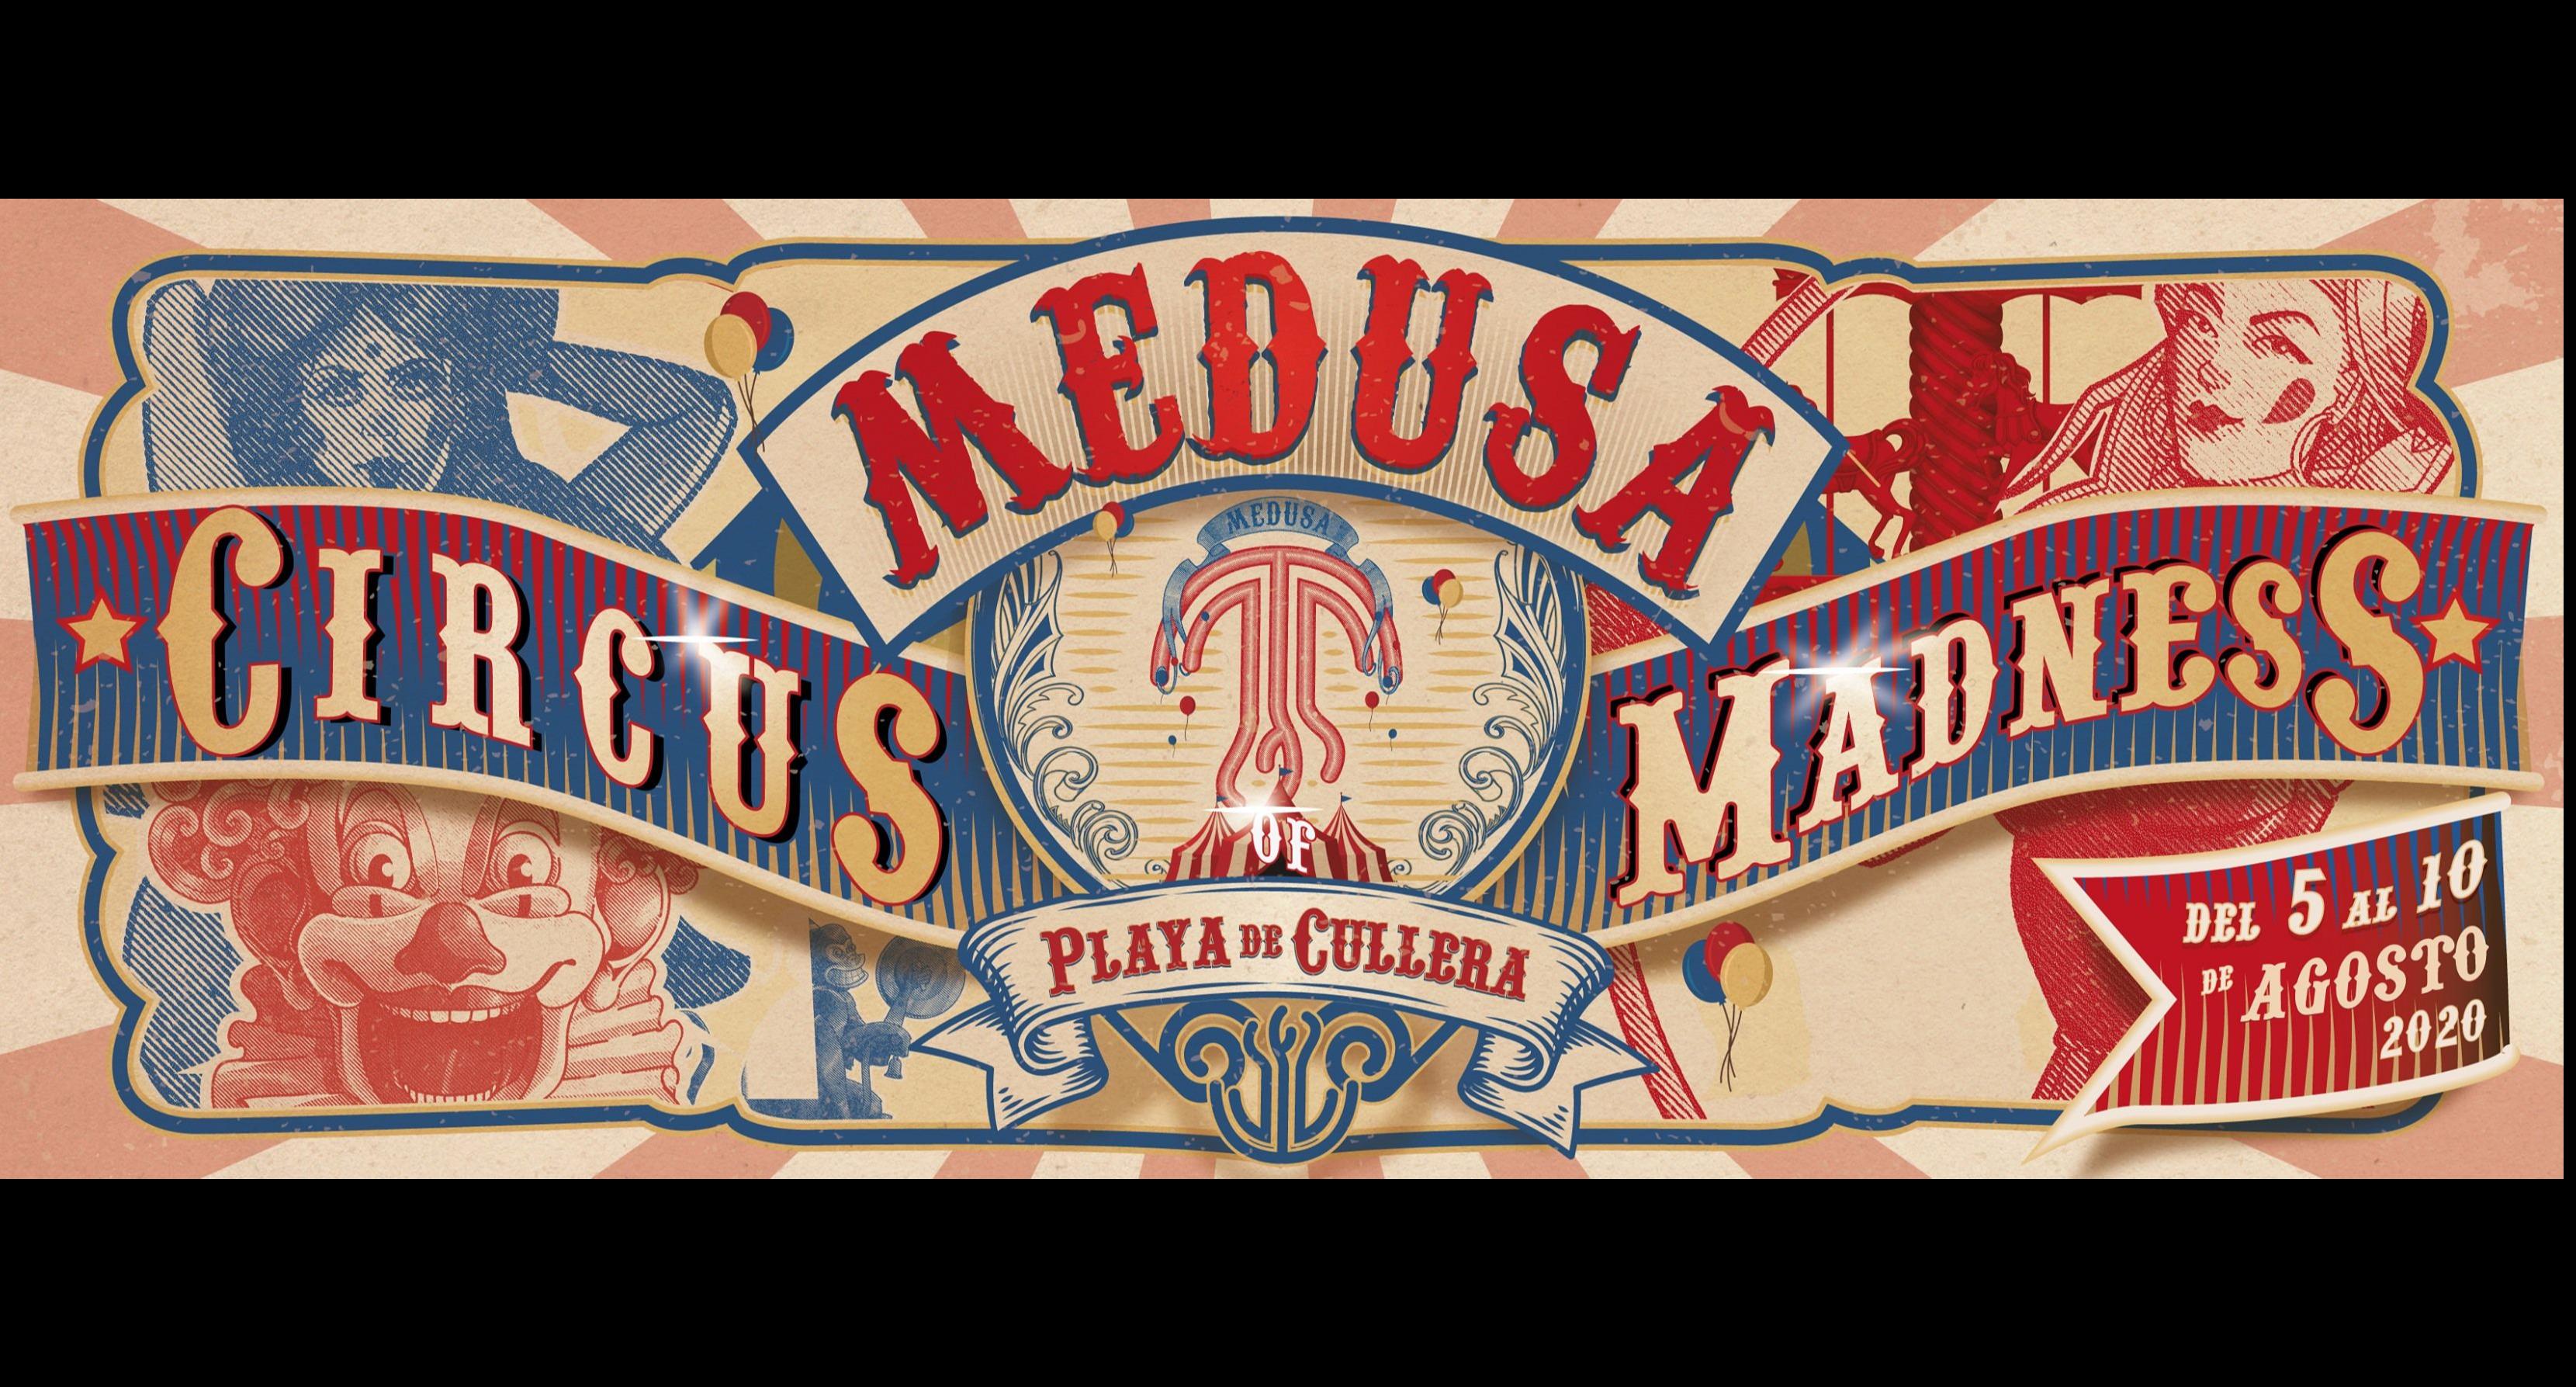 Medusa festival 2020